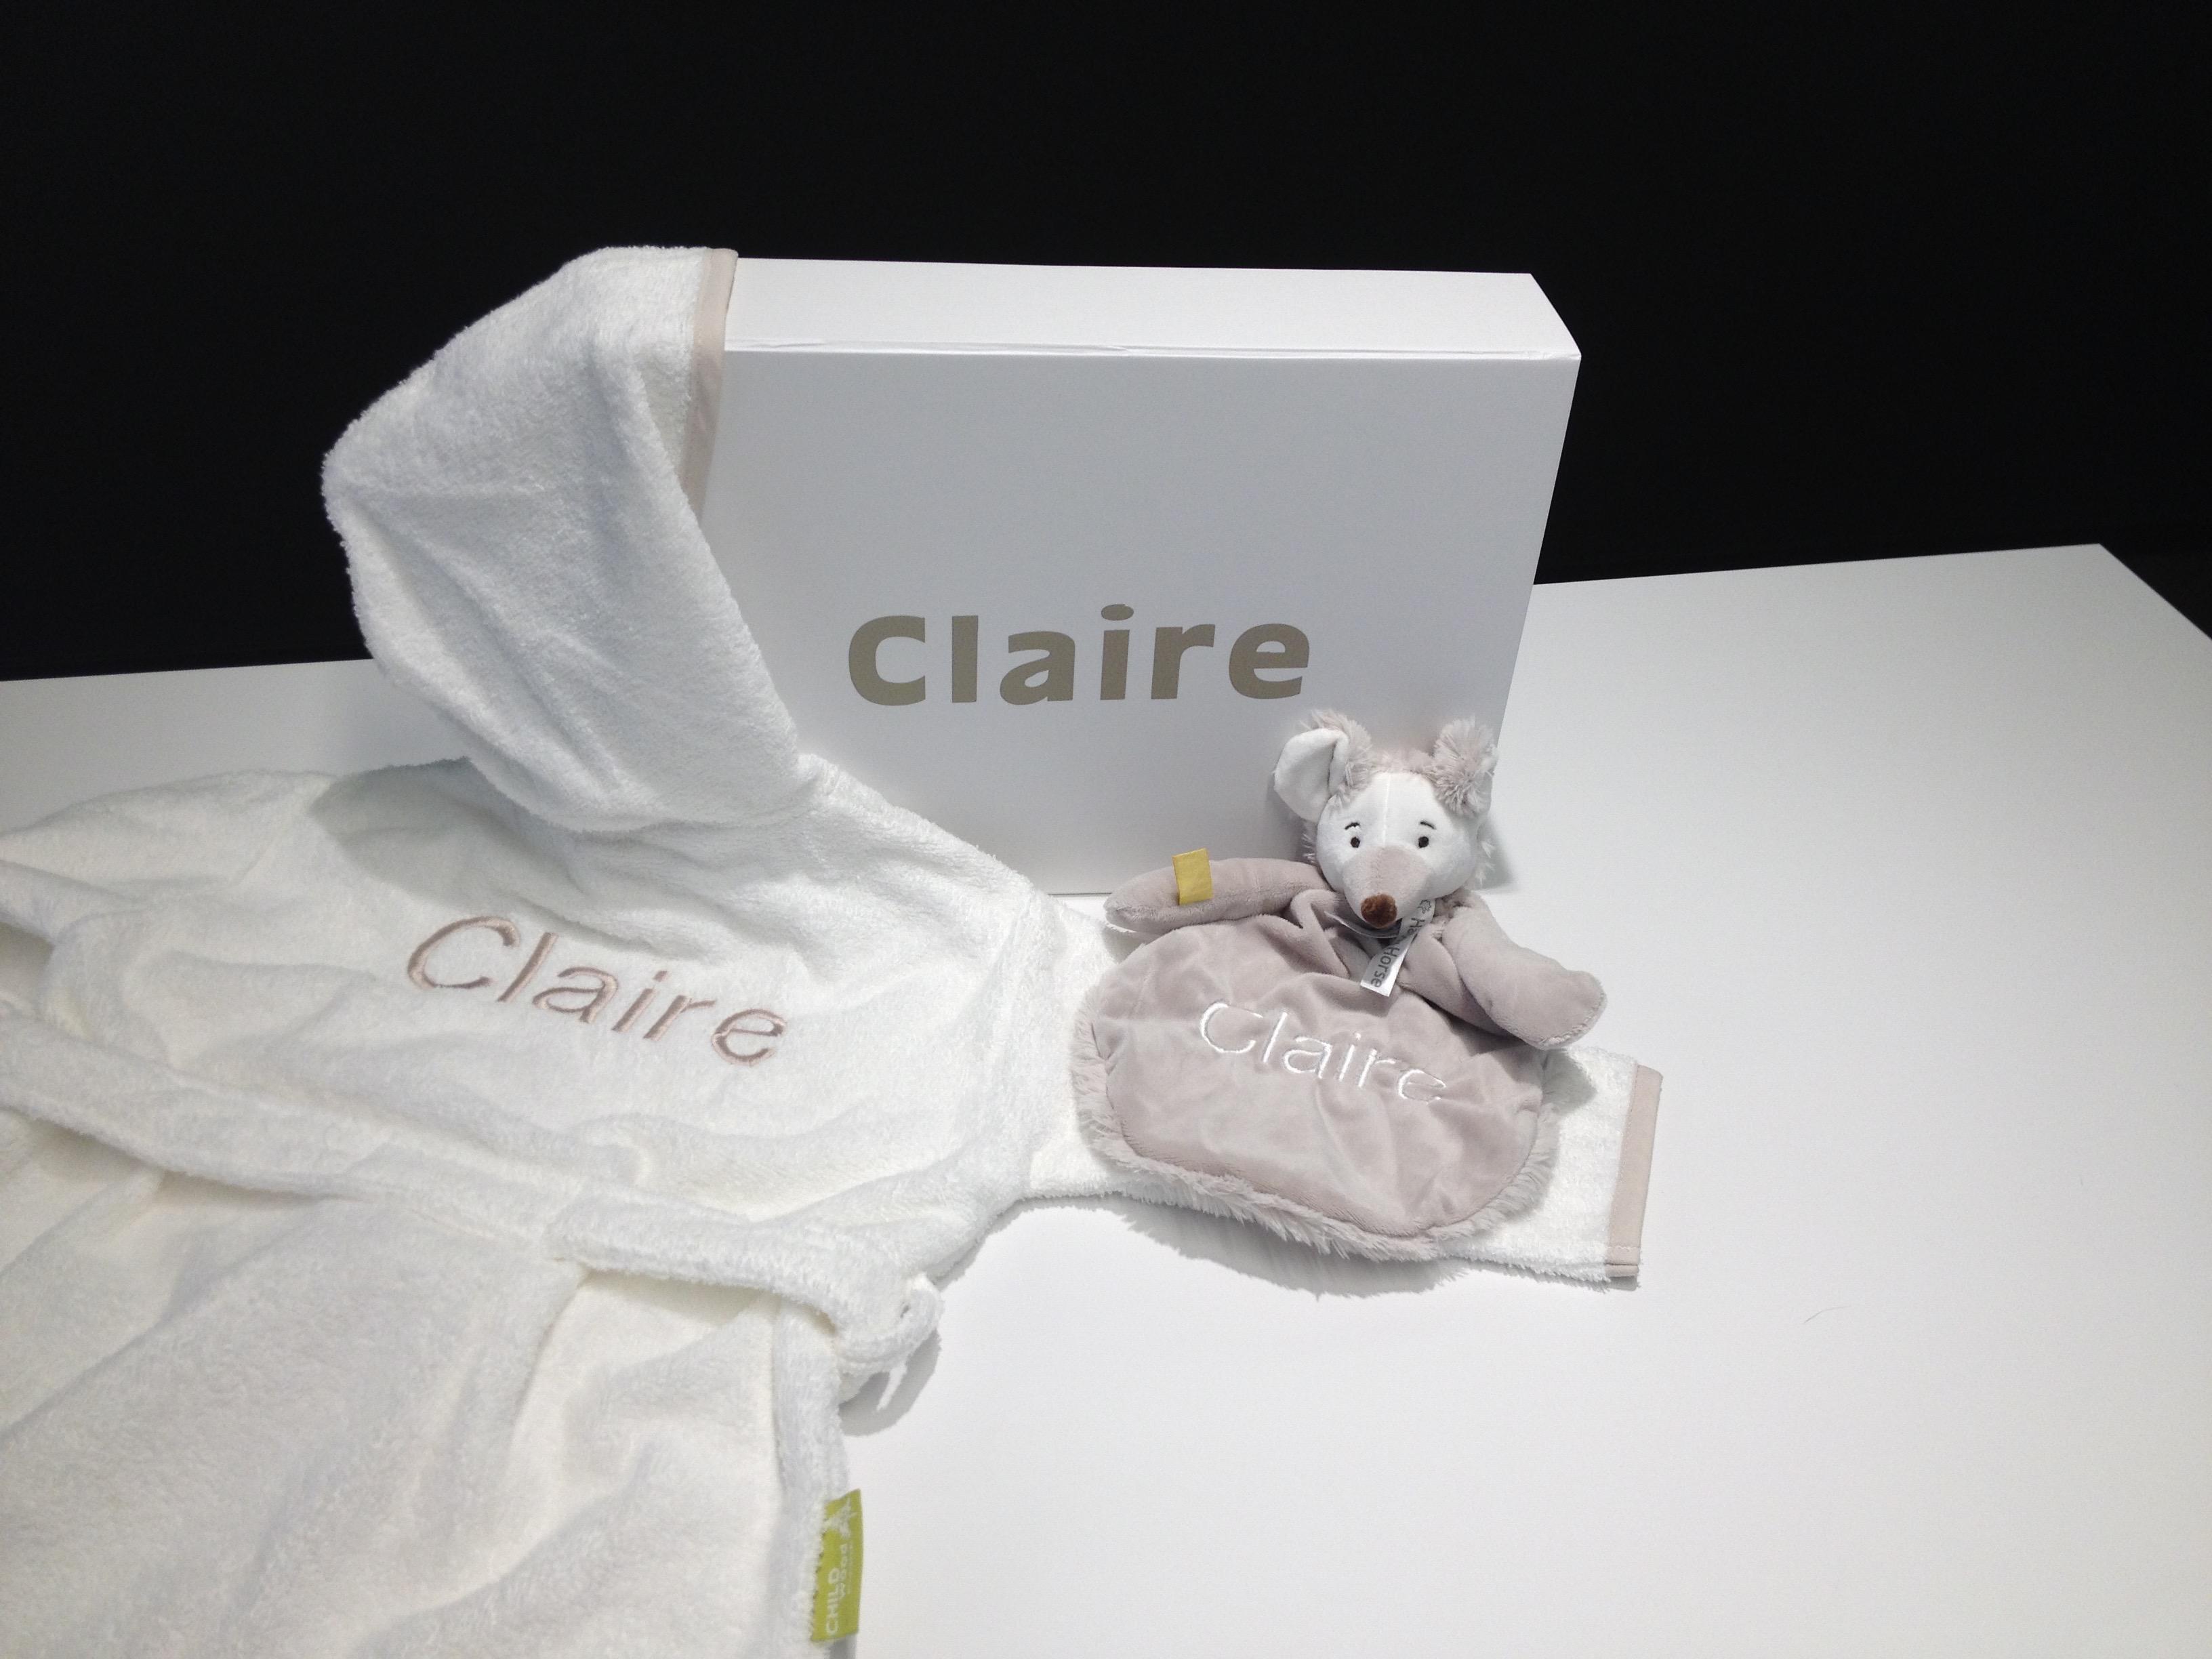 Claire_01